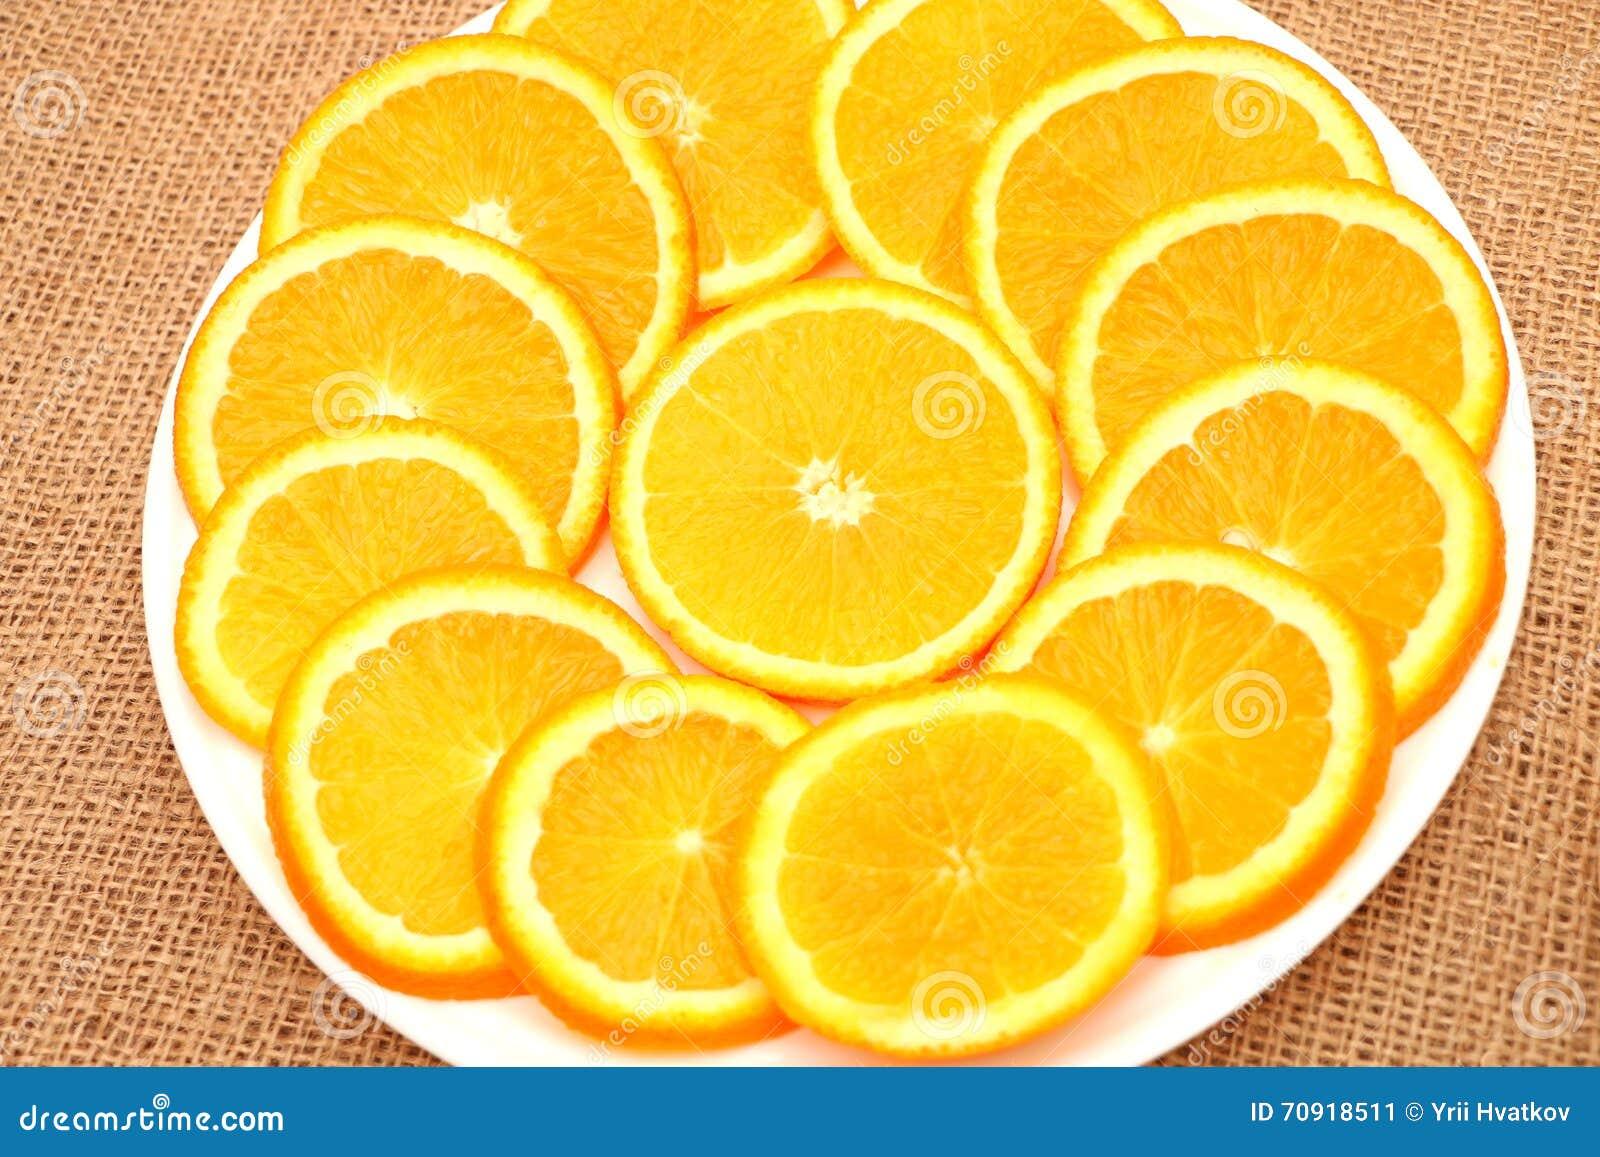 Owoc, pomarańcze i kiwi na talerzu,